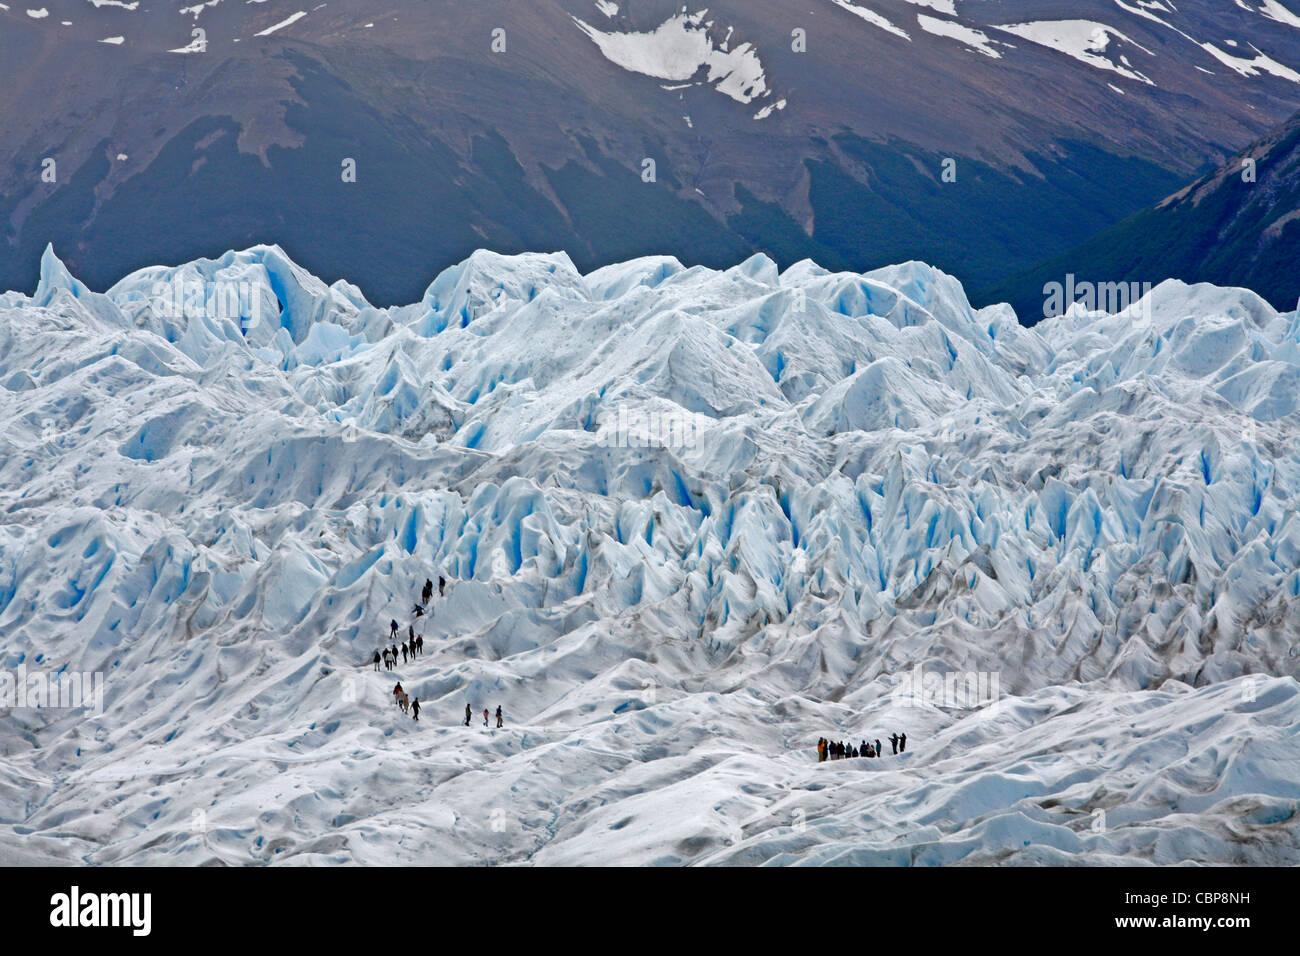 People trekking on Perito Moreno glacier. Los Glaciares National Park, El Calafate, Santa Cruz province. Patagonia. - Stock Image